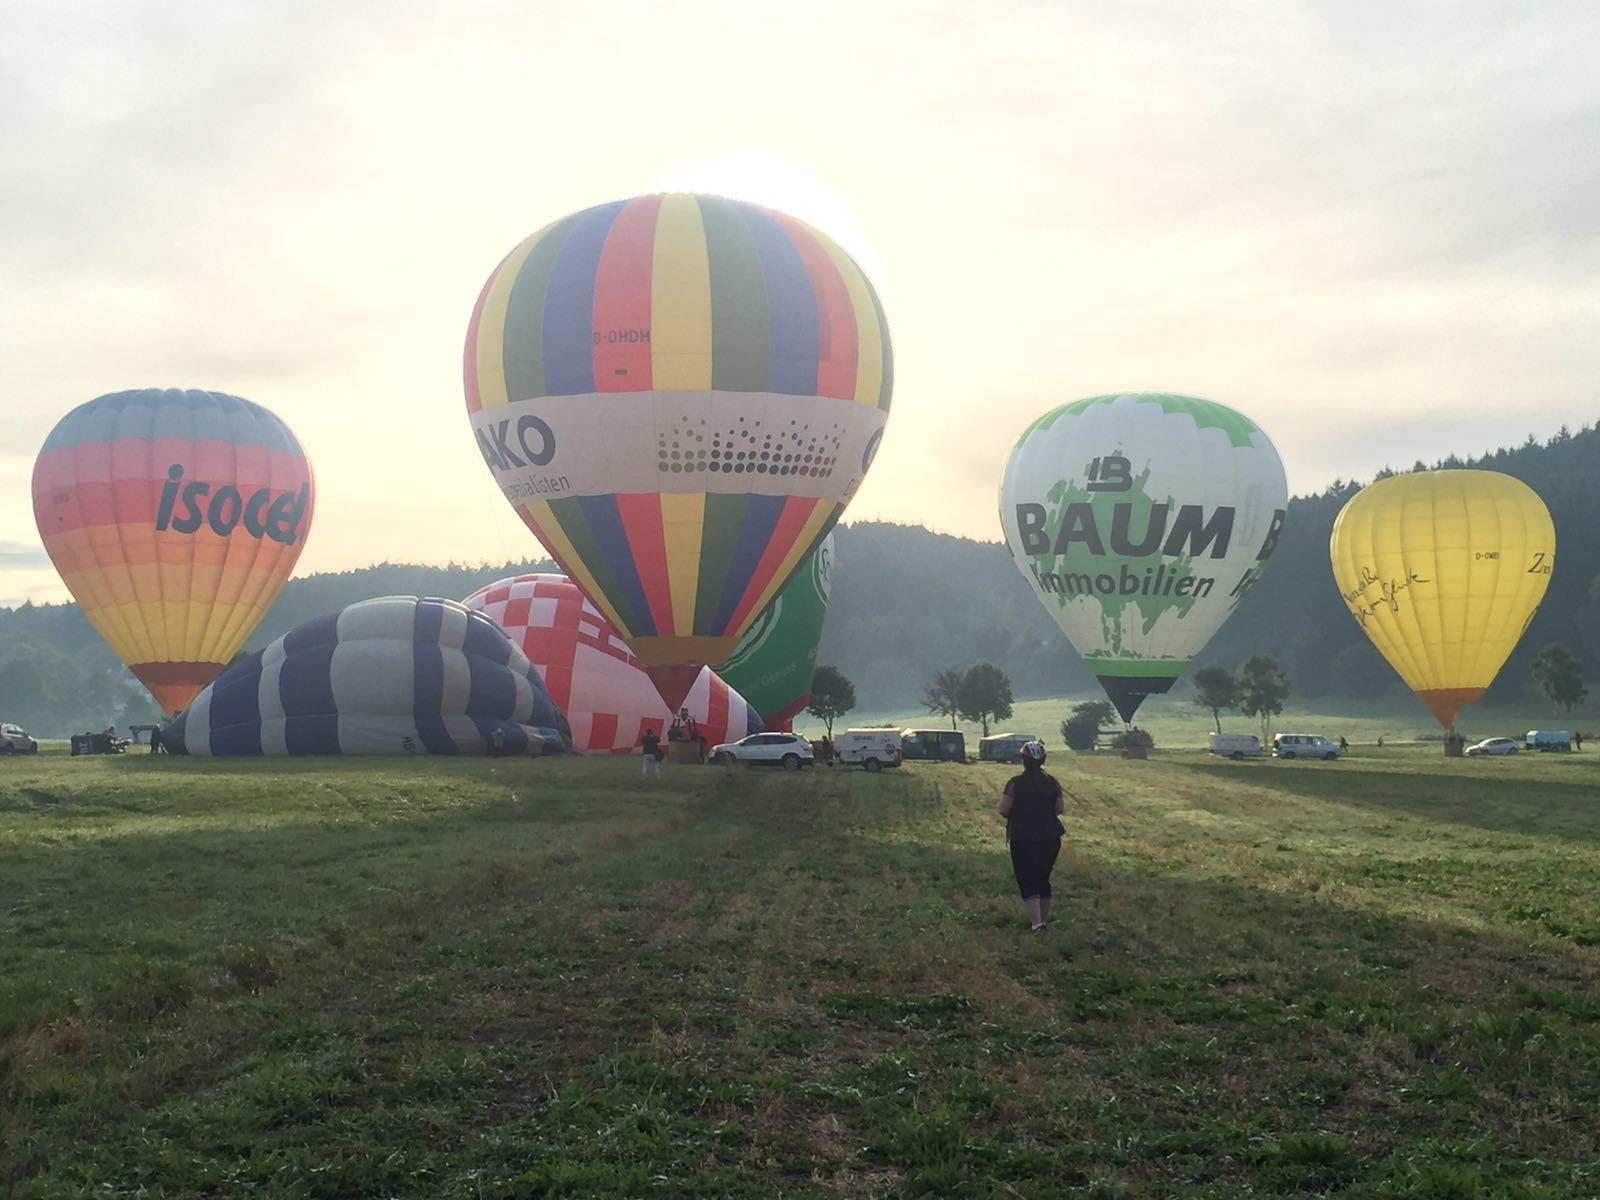 7 Ballone beim Start am frühen Morgen